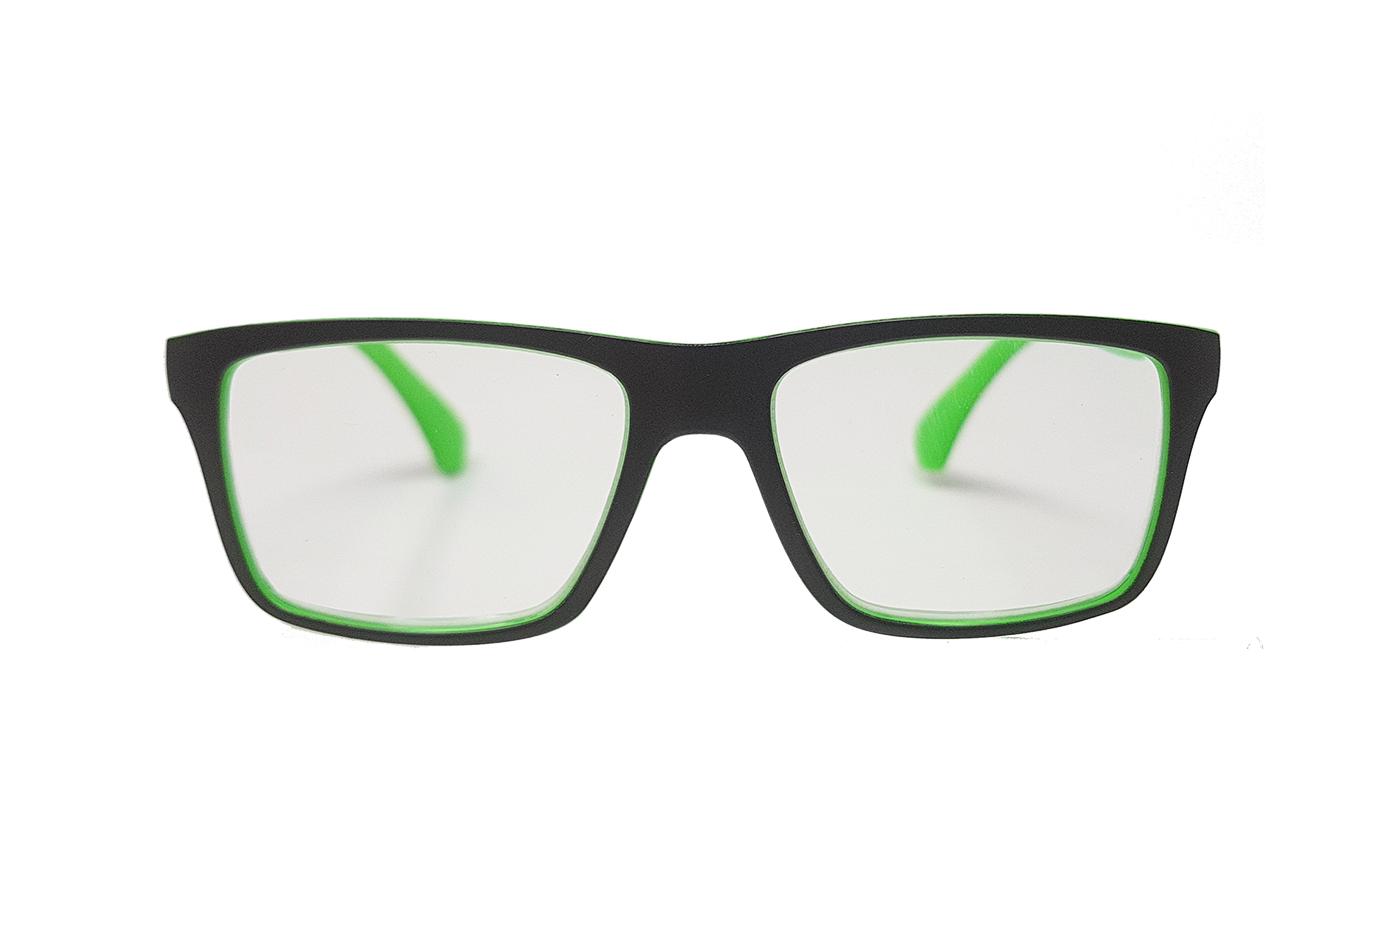 Bes cura della vista beselettronica occhiali da